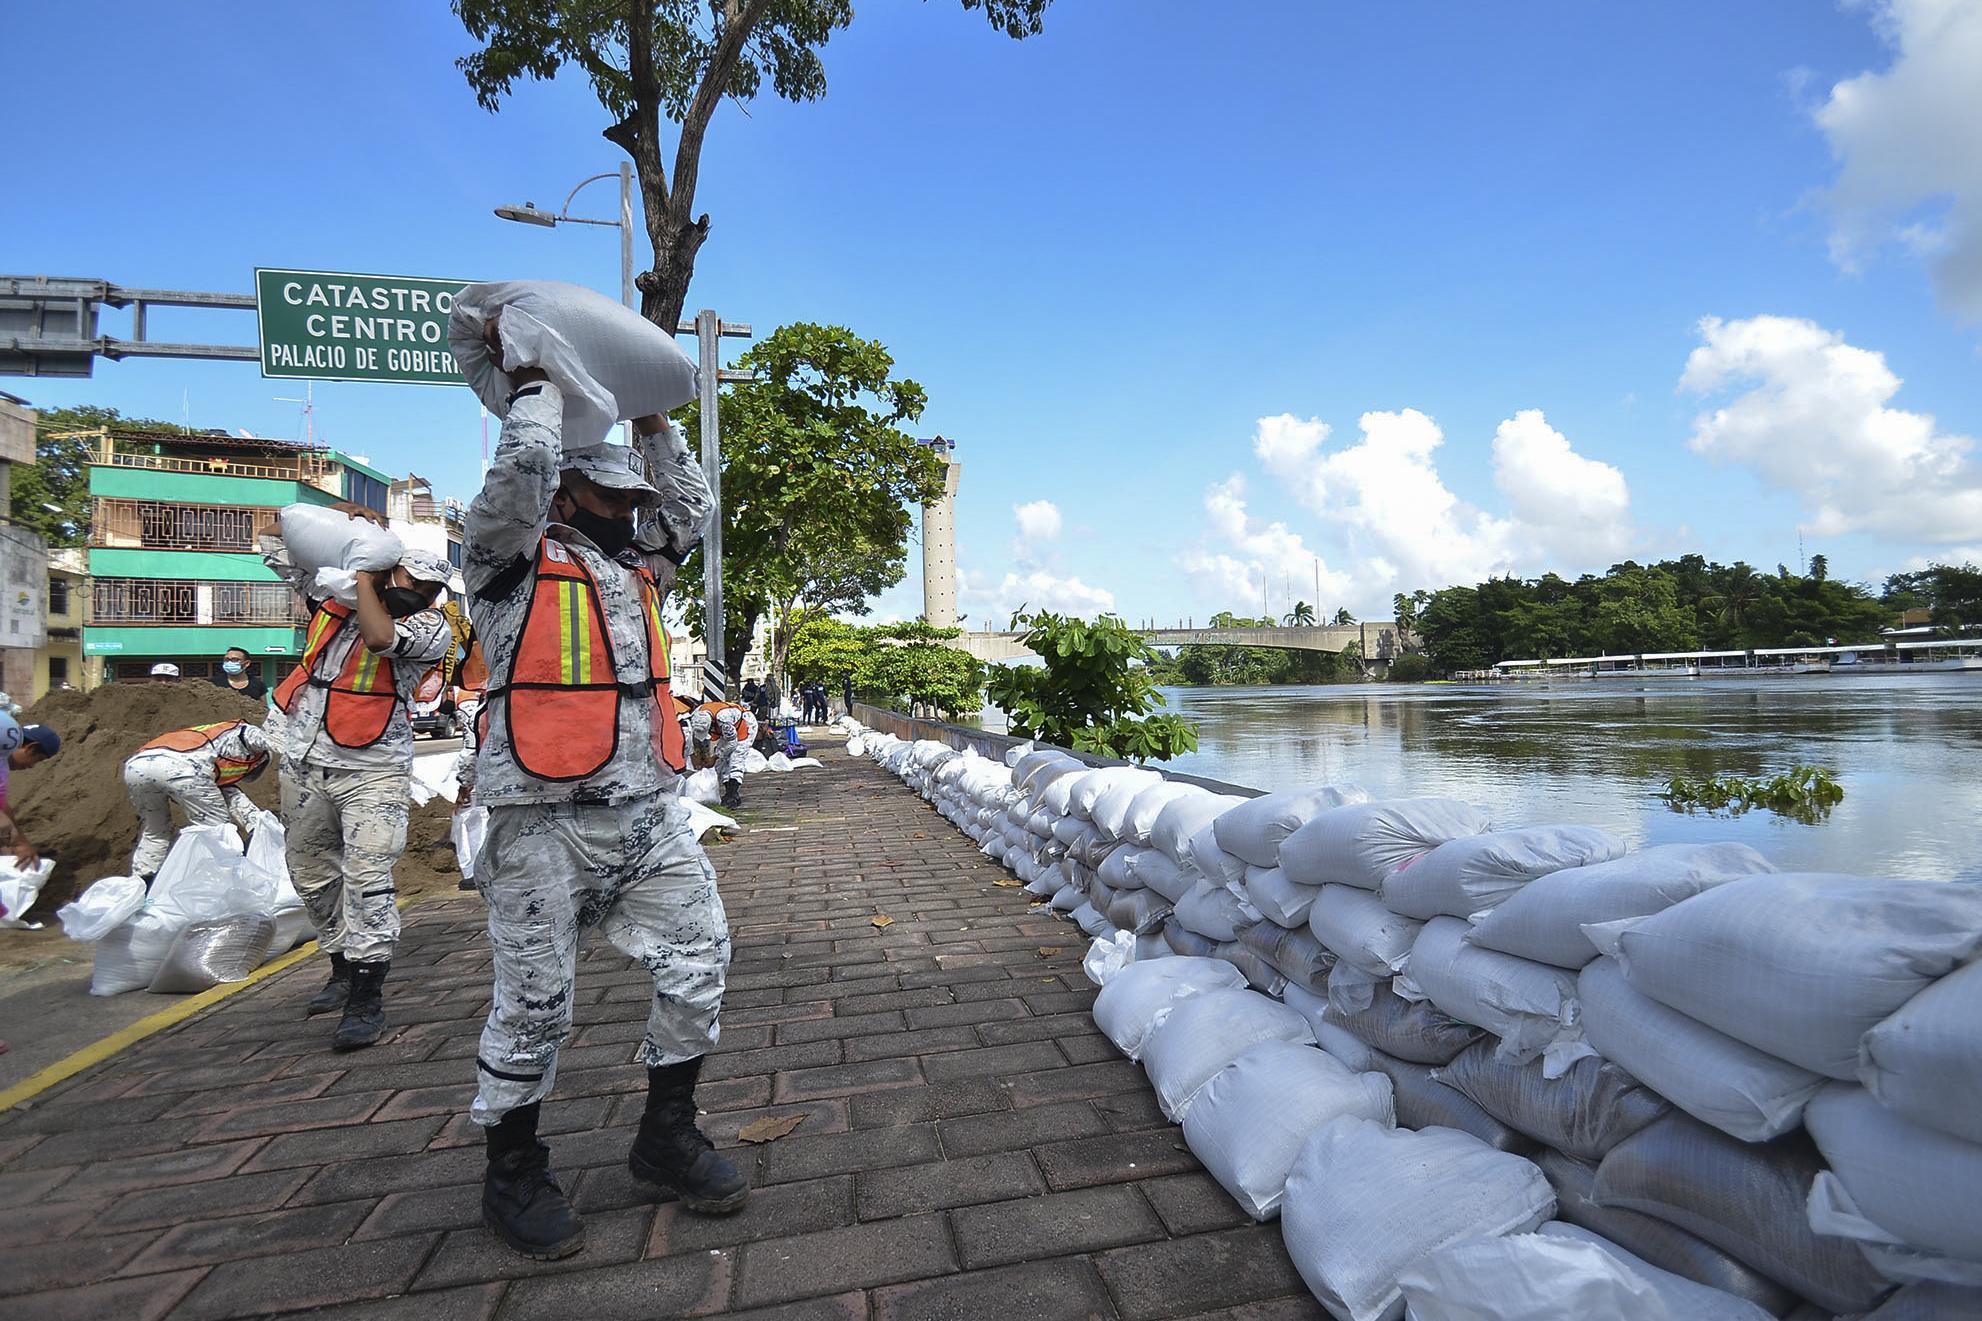 Miembros de la Guardia Nacional colocan sacos de arena tras el desborde del río Grijalva debido a las fuertes lluvias en Villahermosa, estado de Tabasco, México, el 7 de noviembre de 2020.